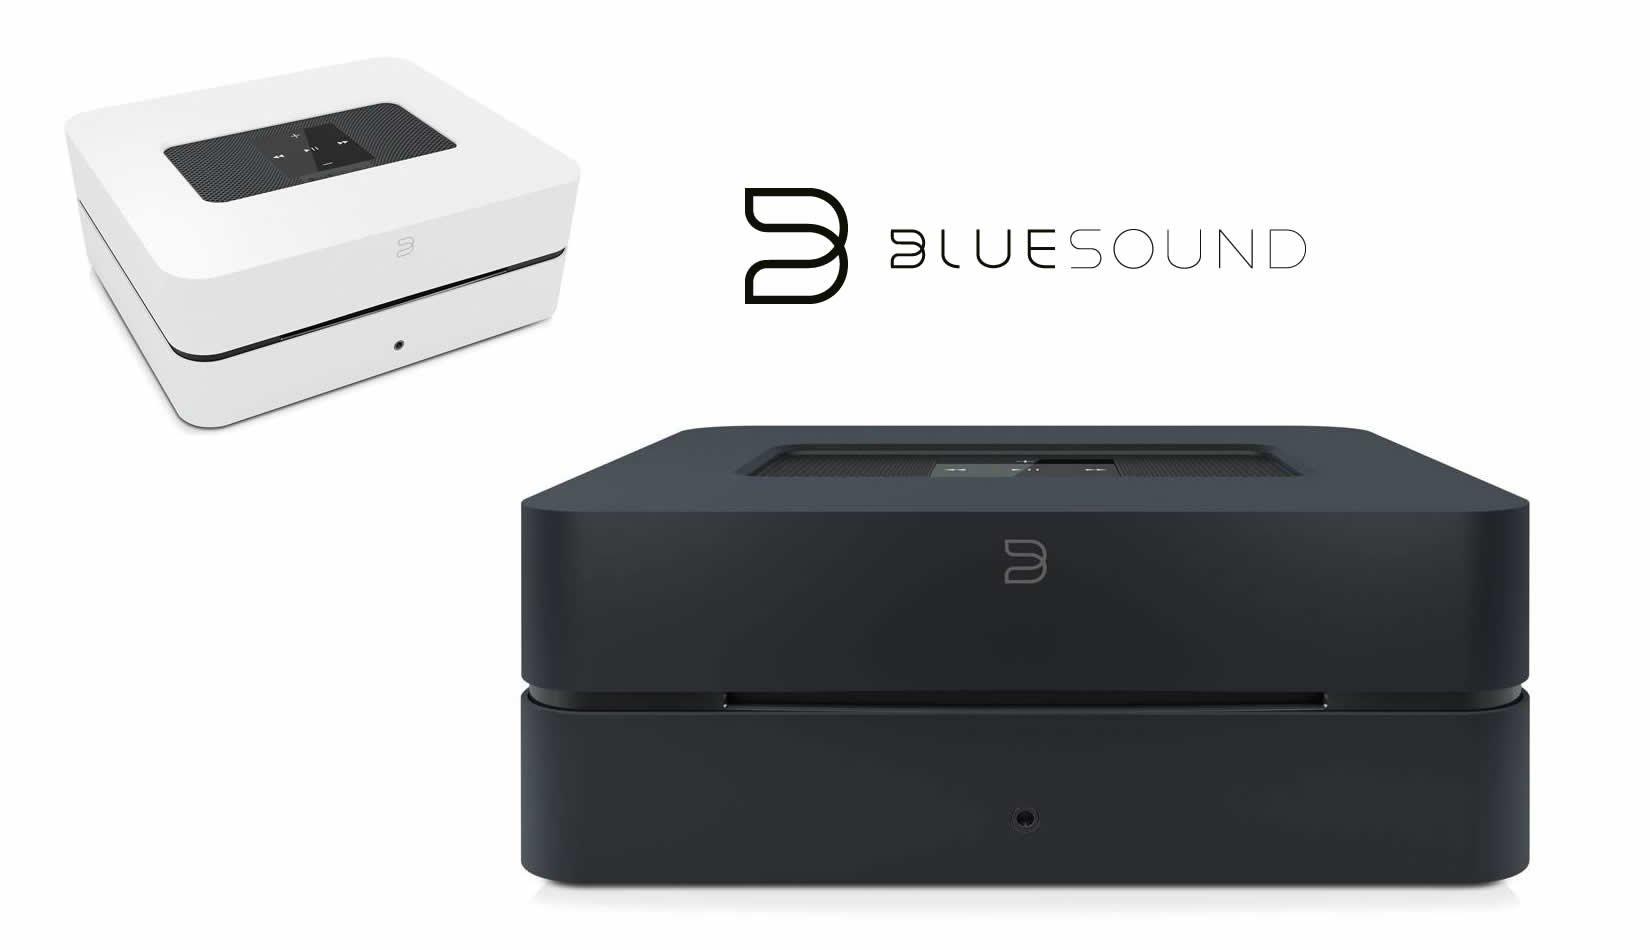 Den Bluesound Vault 2 Streamingserver mit Client und Ripp-Funktion kauft man beim AkustikTune Hifi Studio